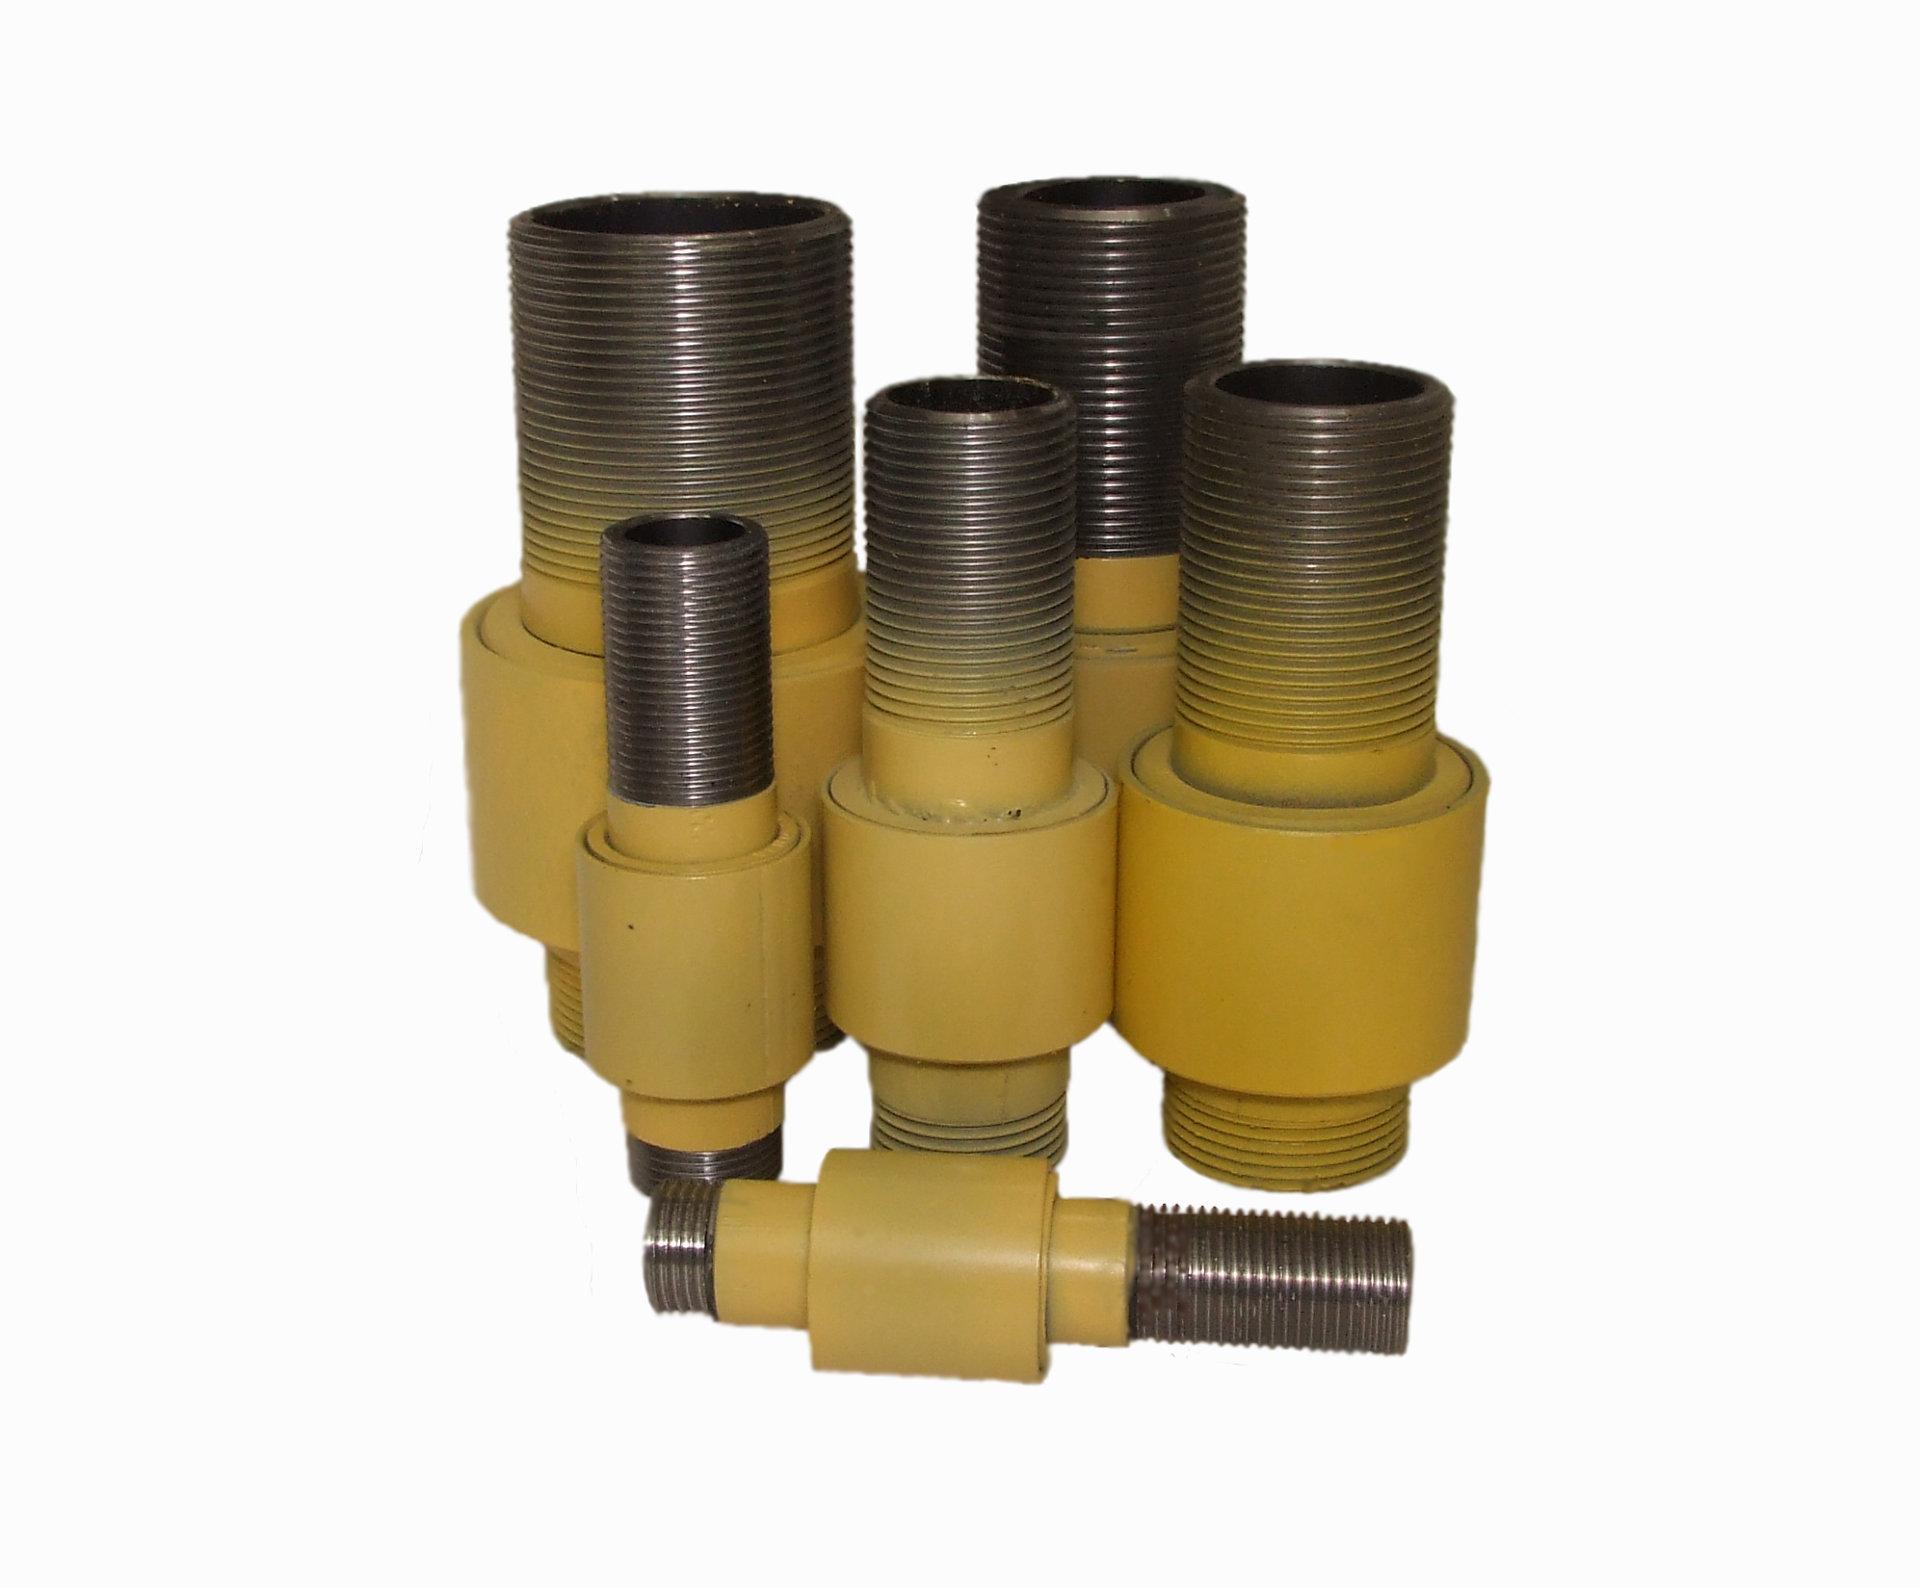 газ сигнализатор сгк бупс 4 схема подключения